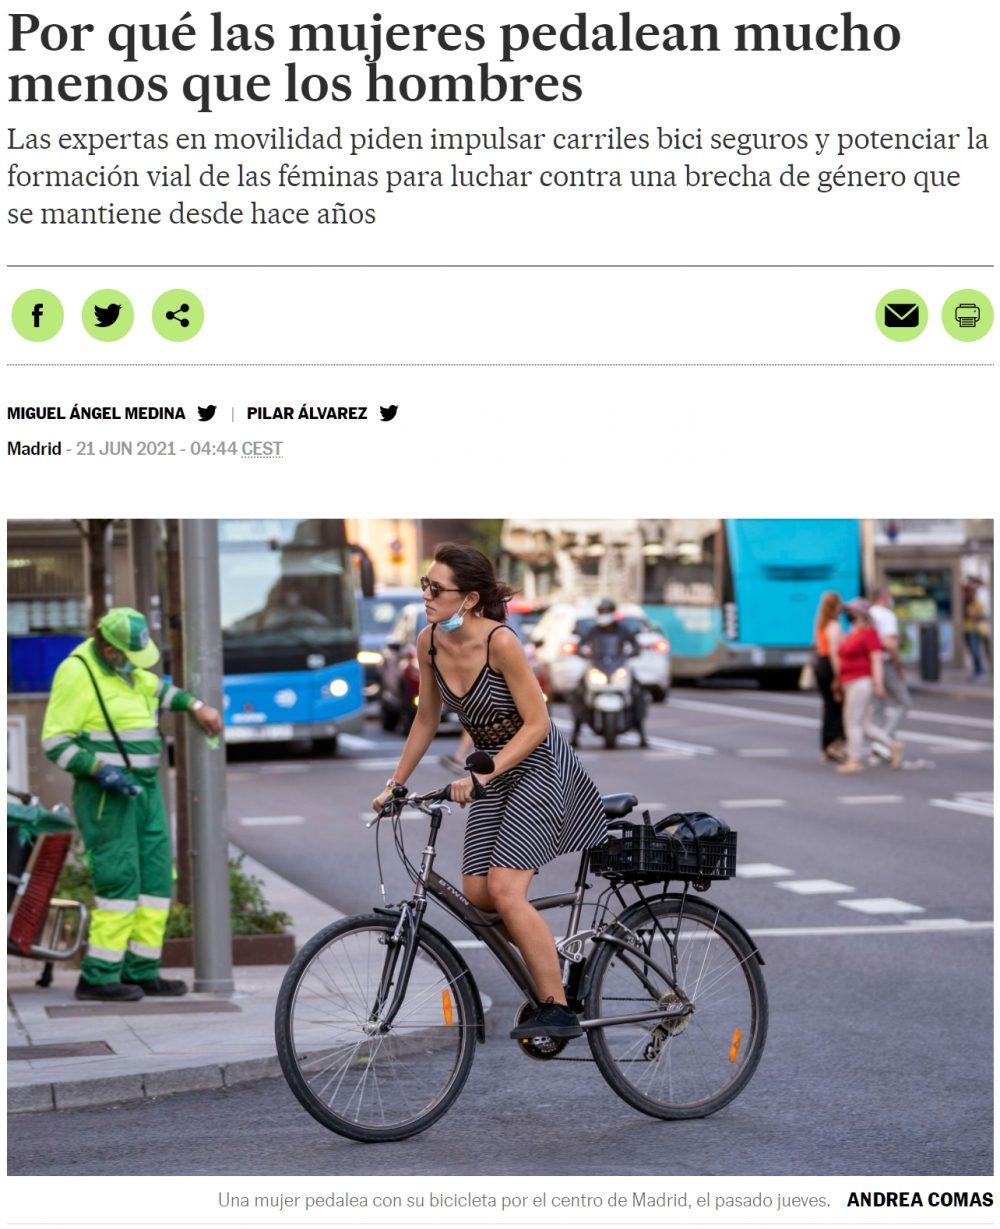 Atentos porque llega... ¡La brecha de género biciclista!